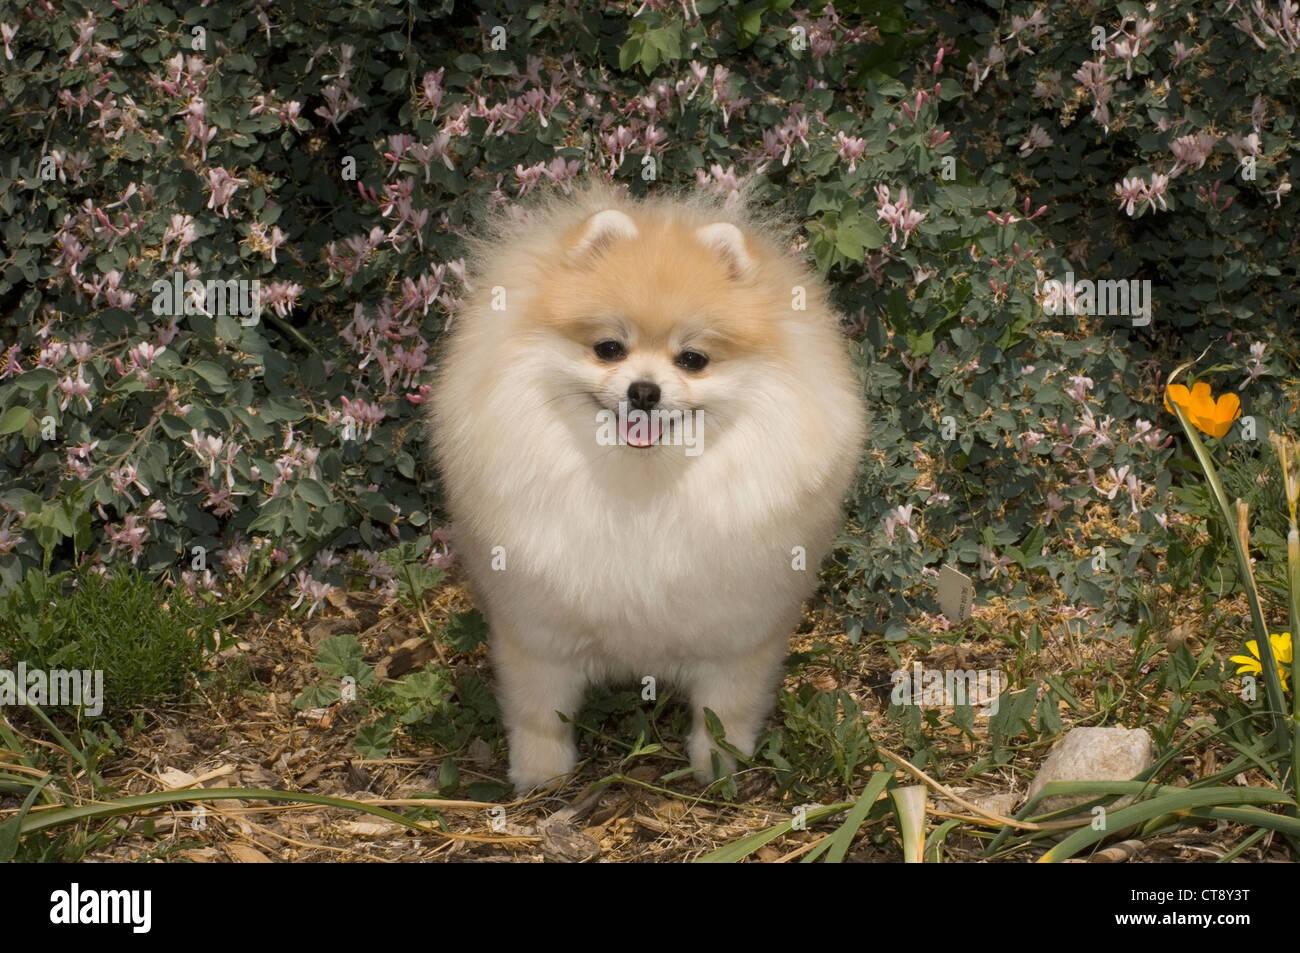 Pomeranian in flowers - Stock Image